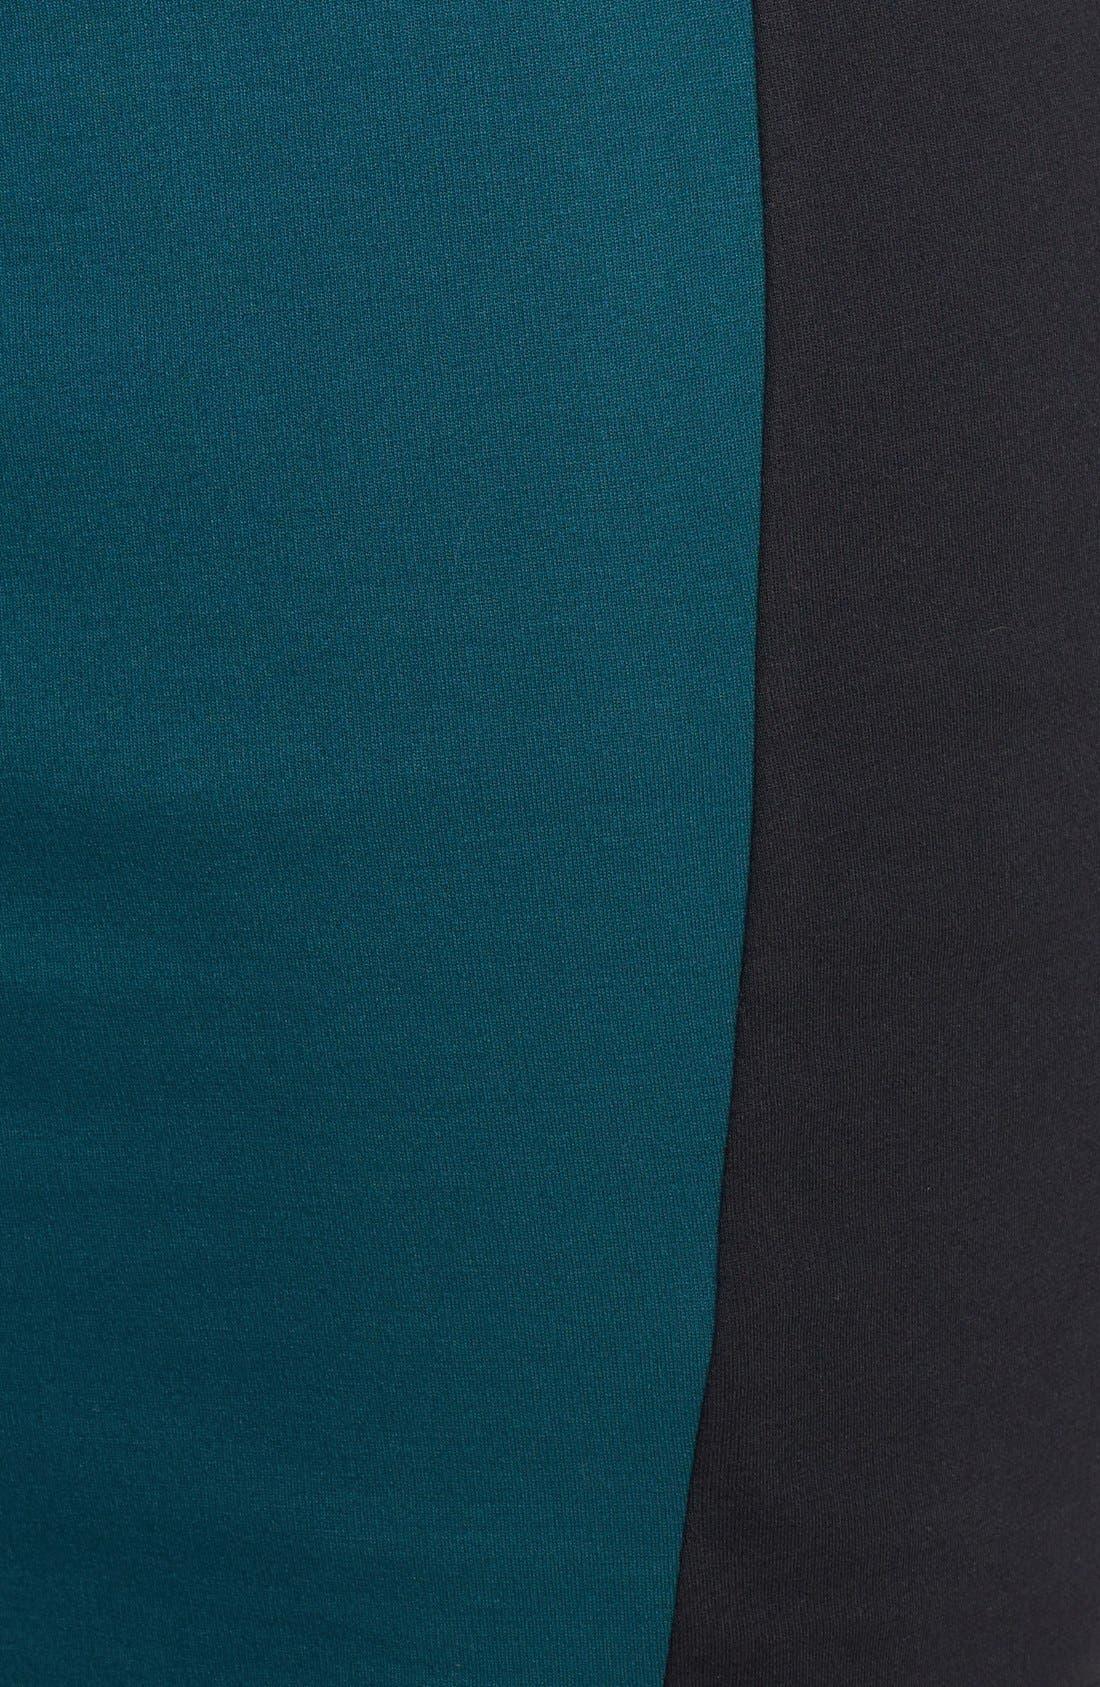 Alternate Image 3  - Scarlett & Jo Colorblock Wrap Front Sheath Dress (Plus Size)